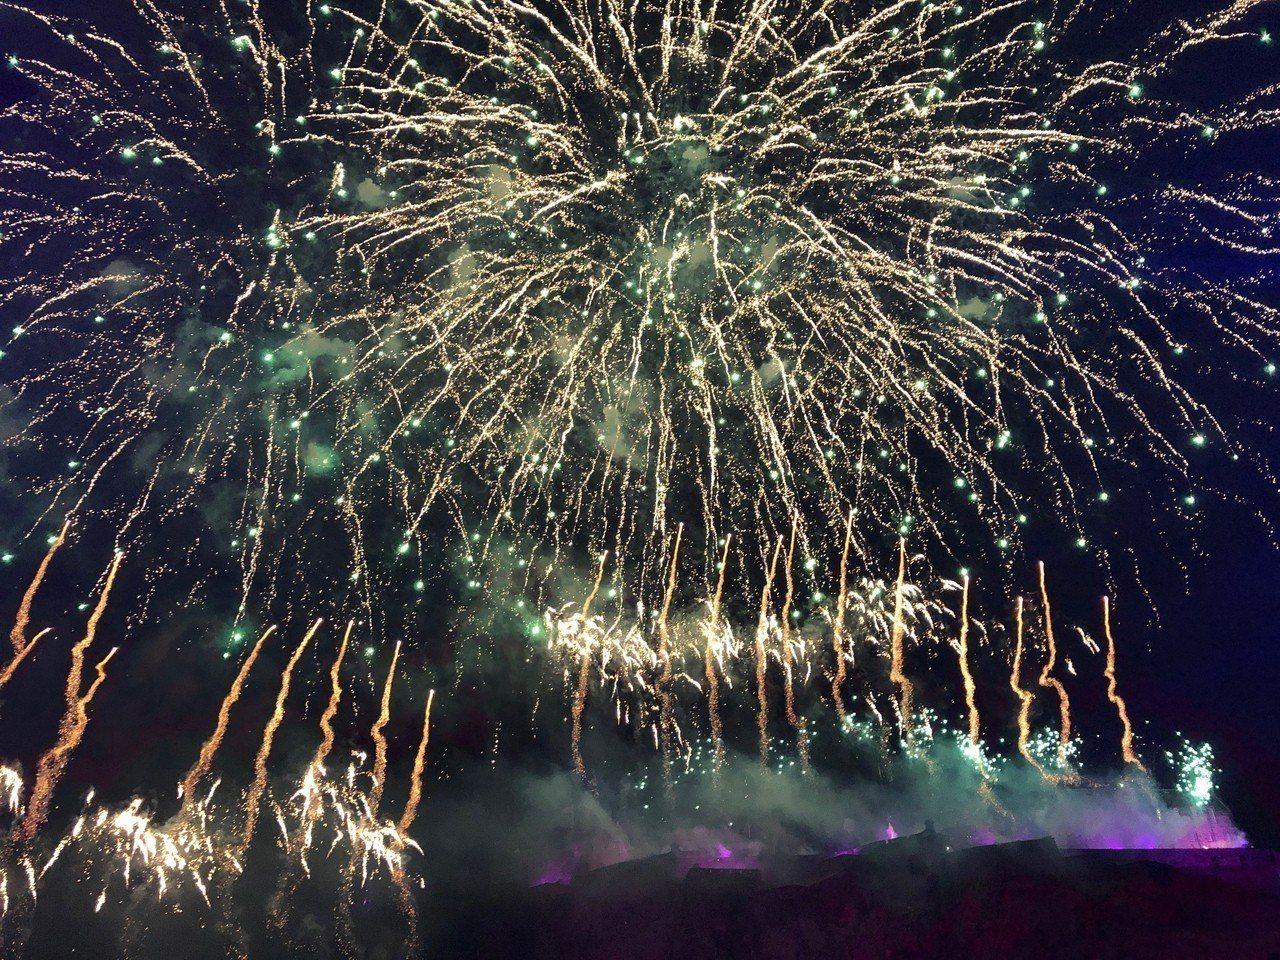 蘇格蘭首府愛丁堡跨年,長約8分鐘的煙火秀在俯瞰全城的愛丁堡城堡施放。圖/中央社